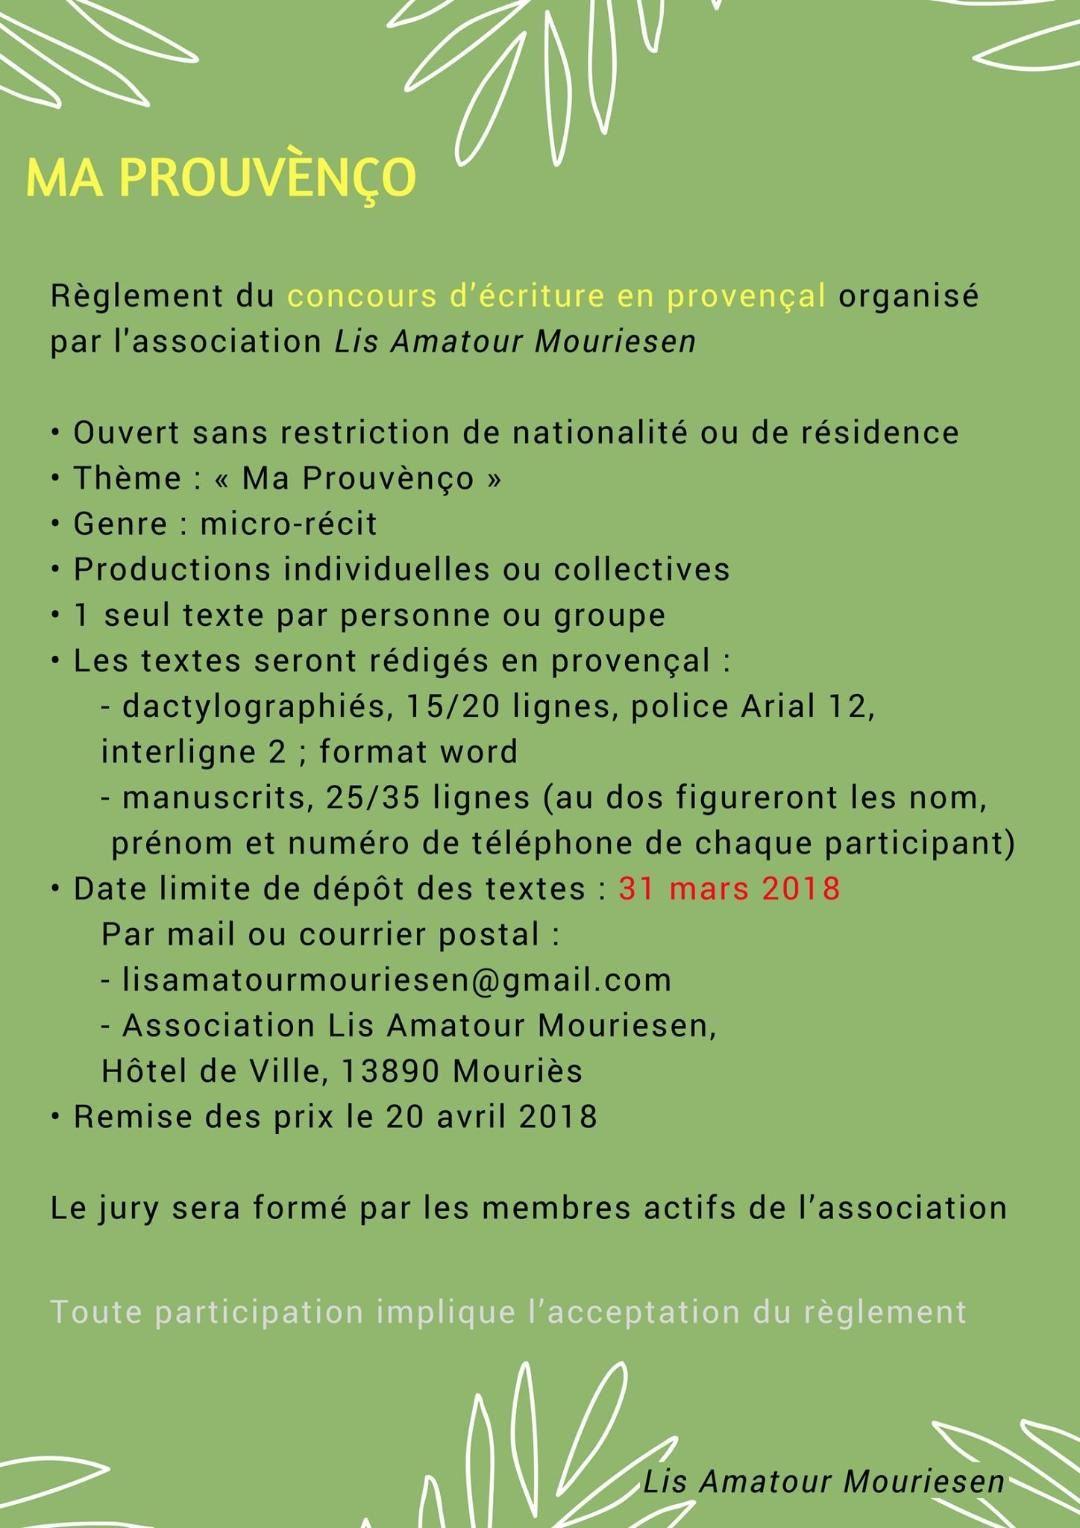 Concours d'écriture en Provençal